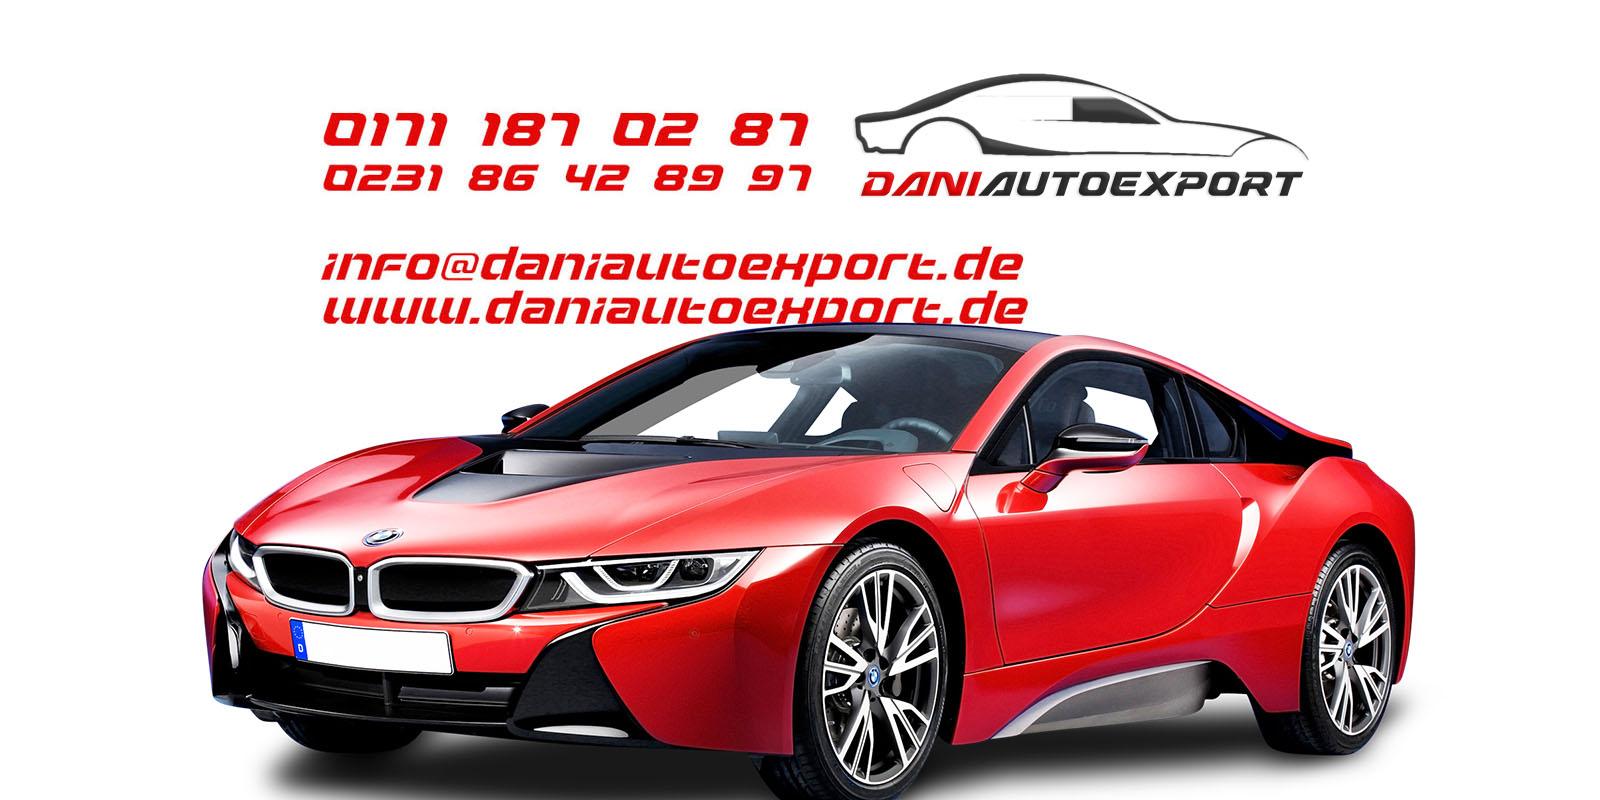 Autoexport Muenster